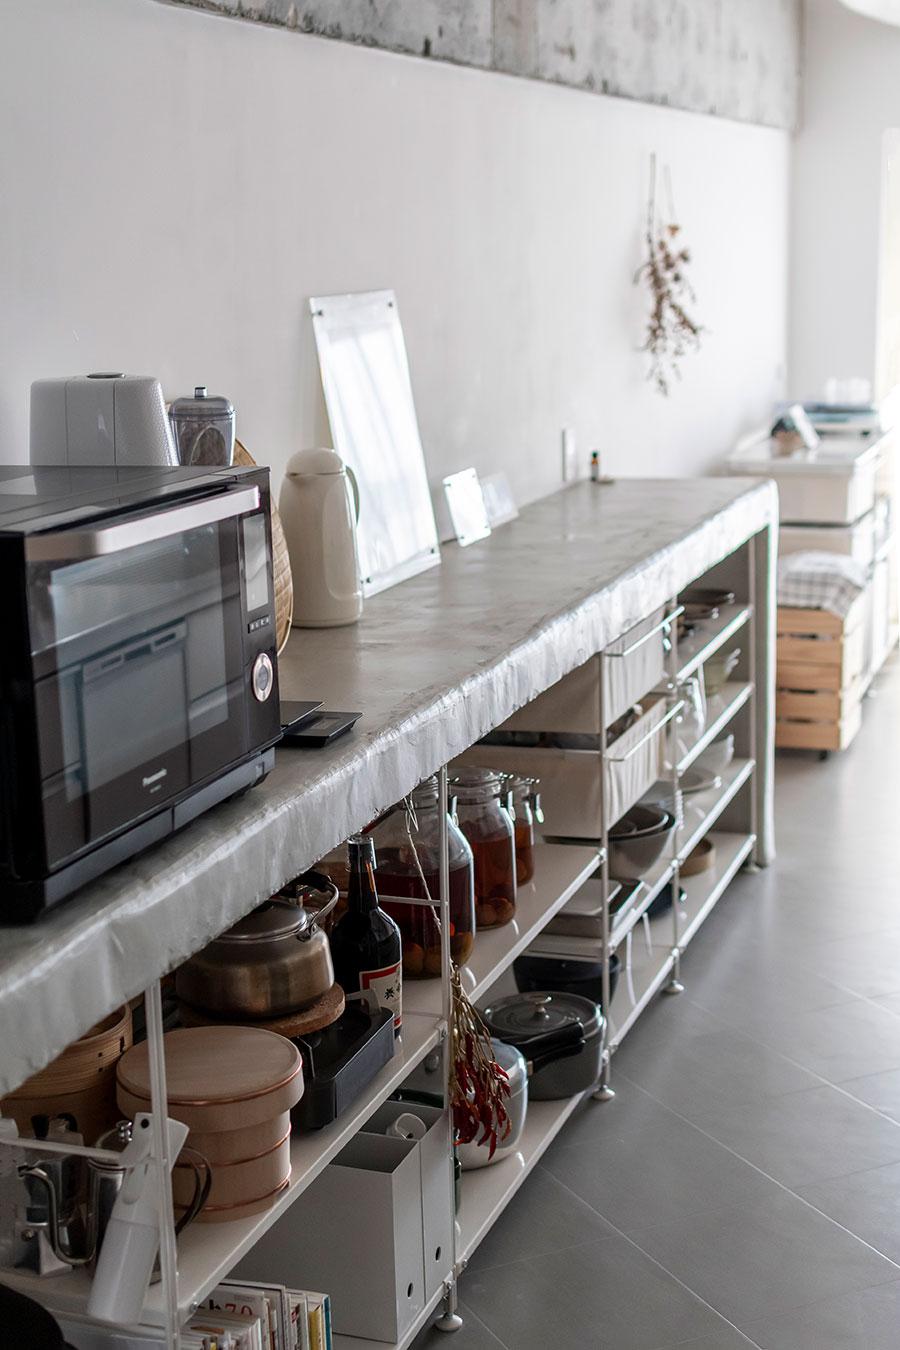 ゼロからDIYで作り上げたキッチンカウンター。